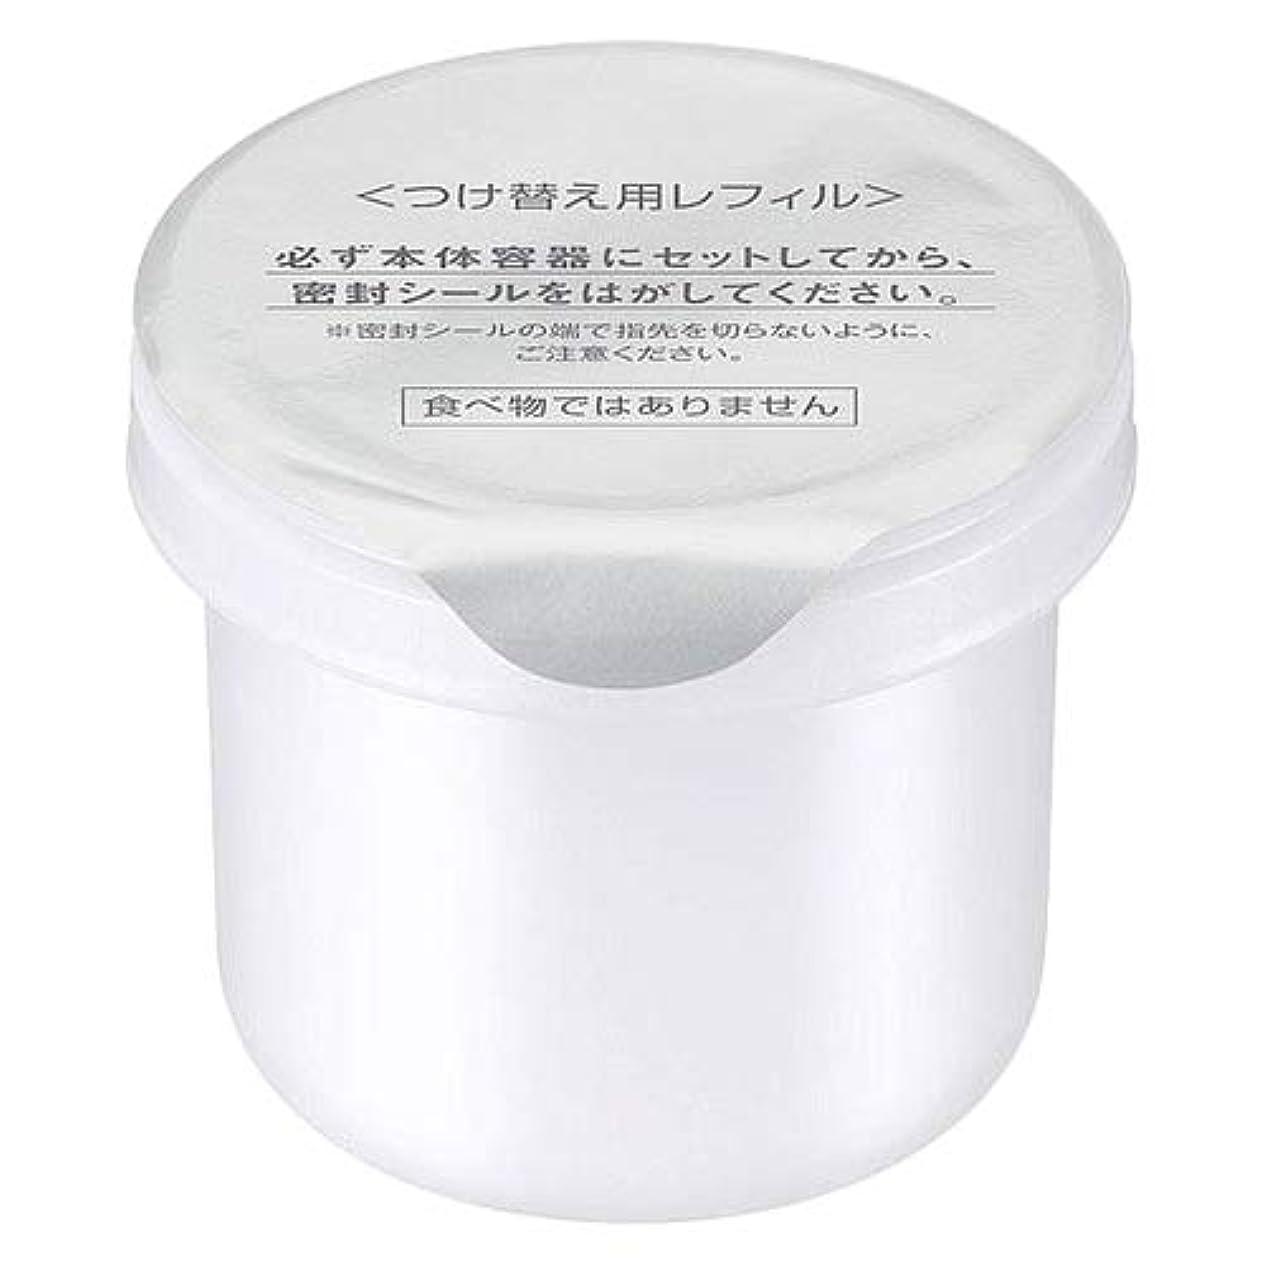 カネボウ デュウ KANEBO DEW ブライトニングクリーム (レフィル) 30g [並行輸入品]